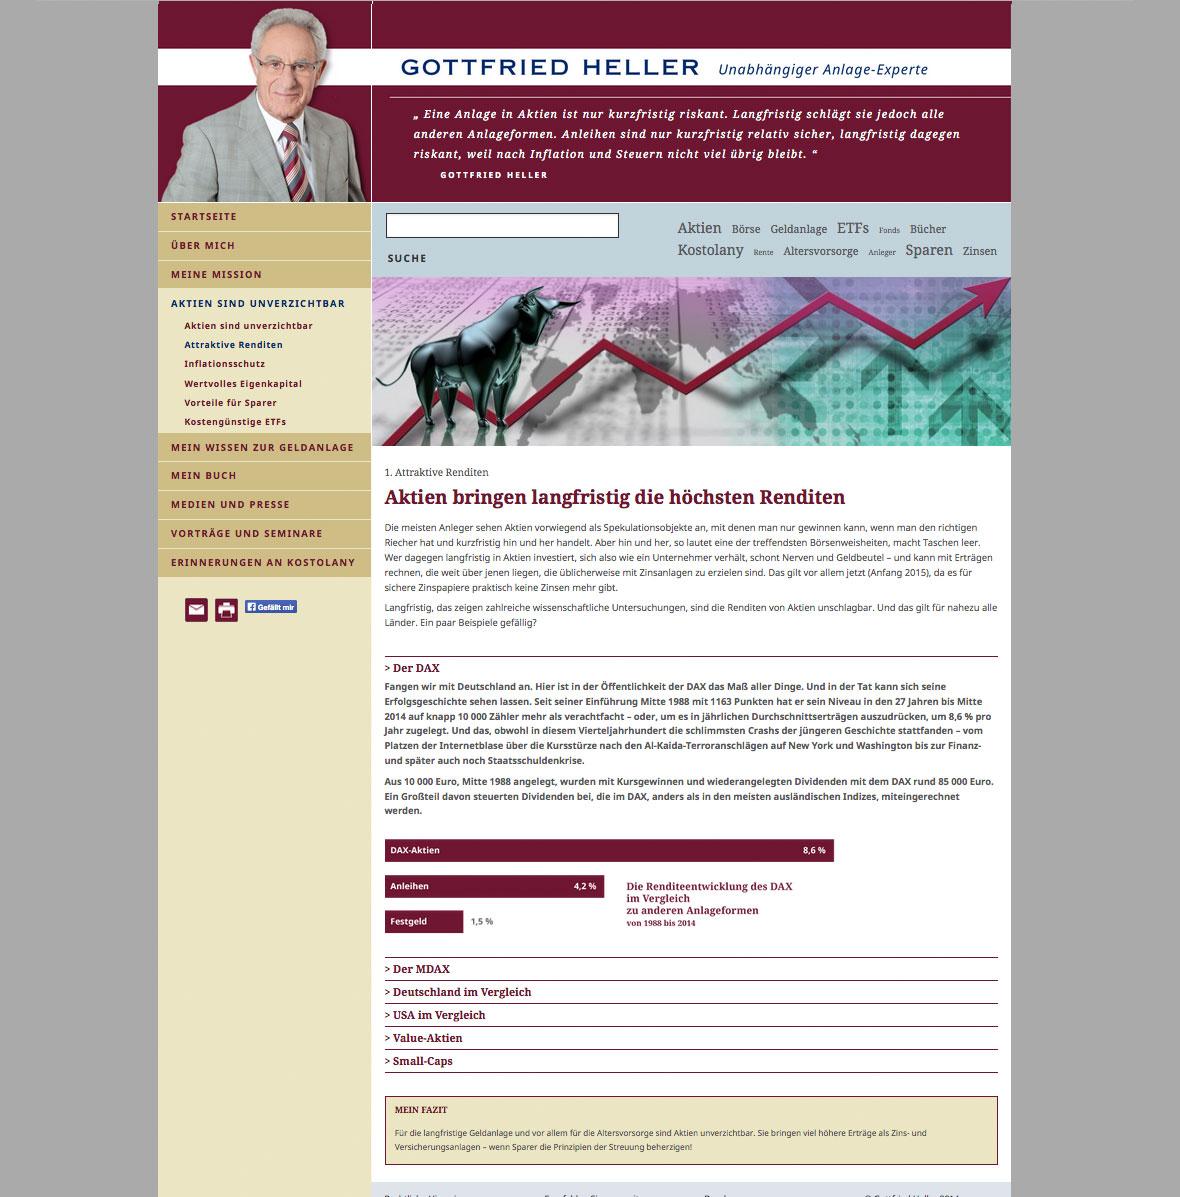 punktneun-Gottfried-Heller-Webseite-Renditen